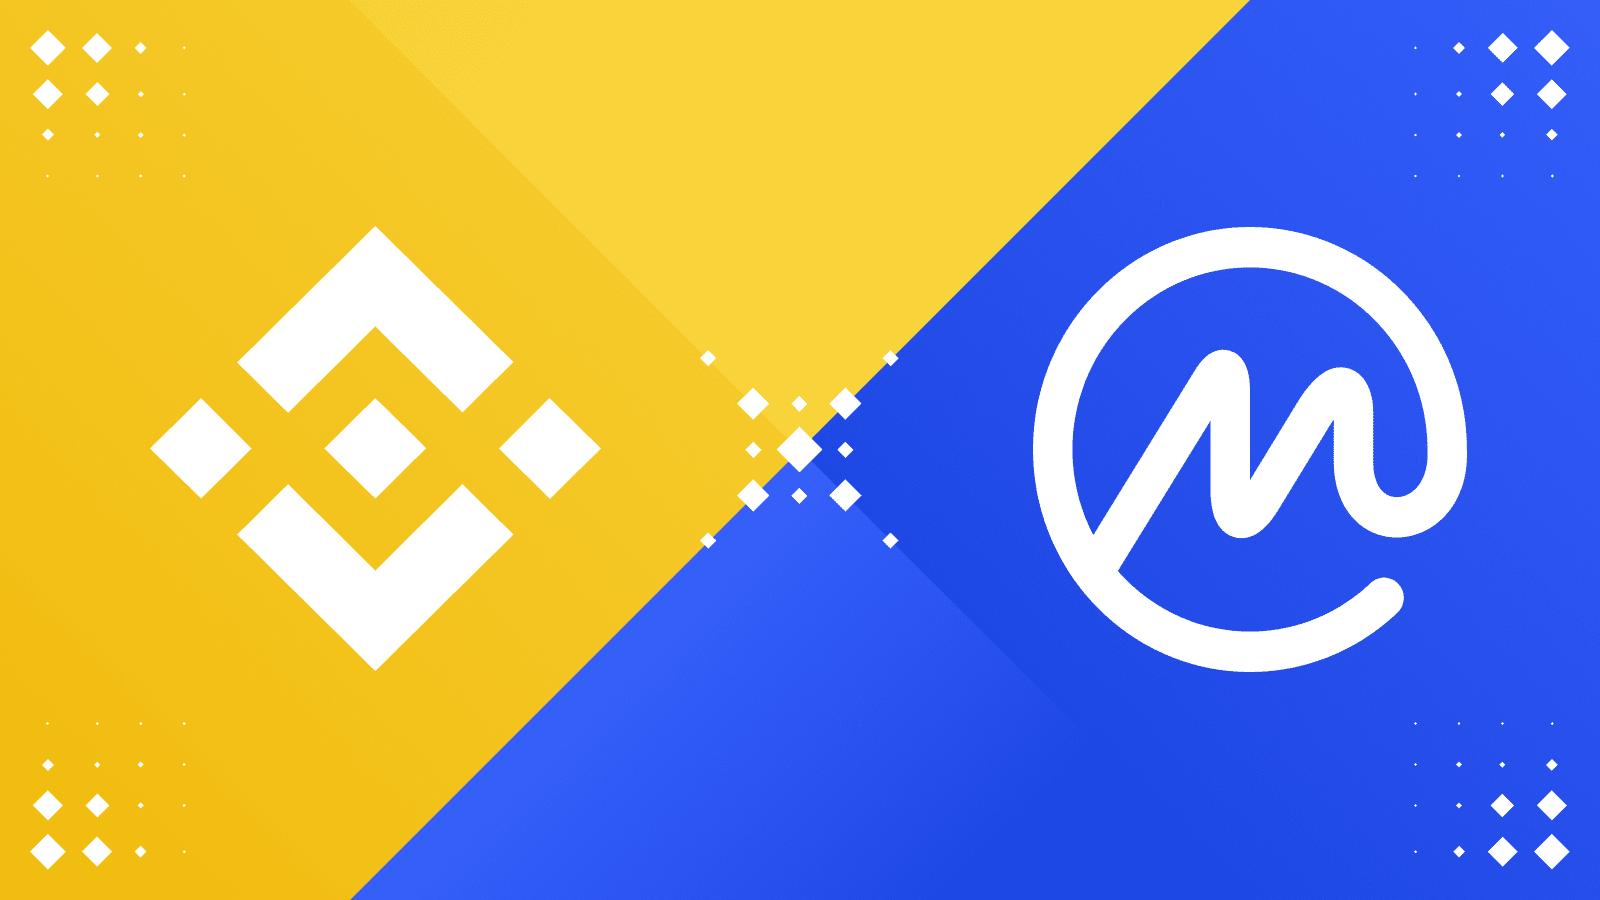 CoinMarketCap agrega la función de intercambio de tokens a través de la integración de Uniswap